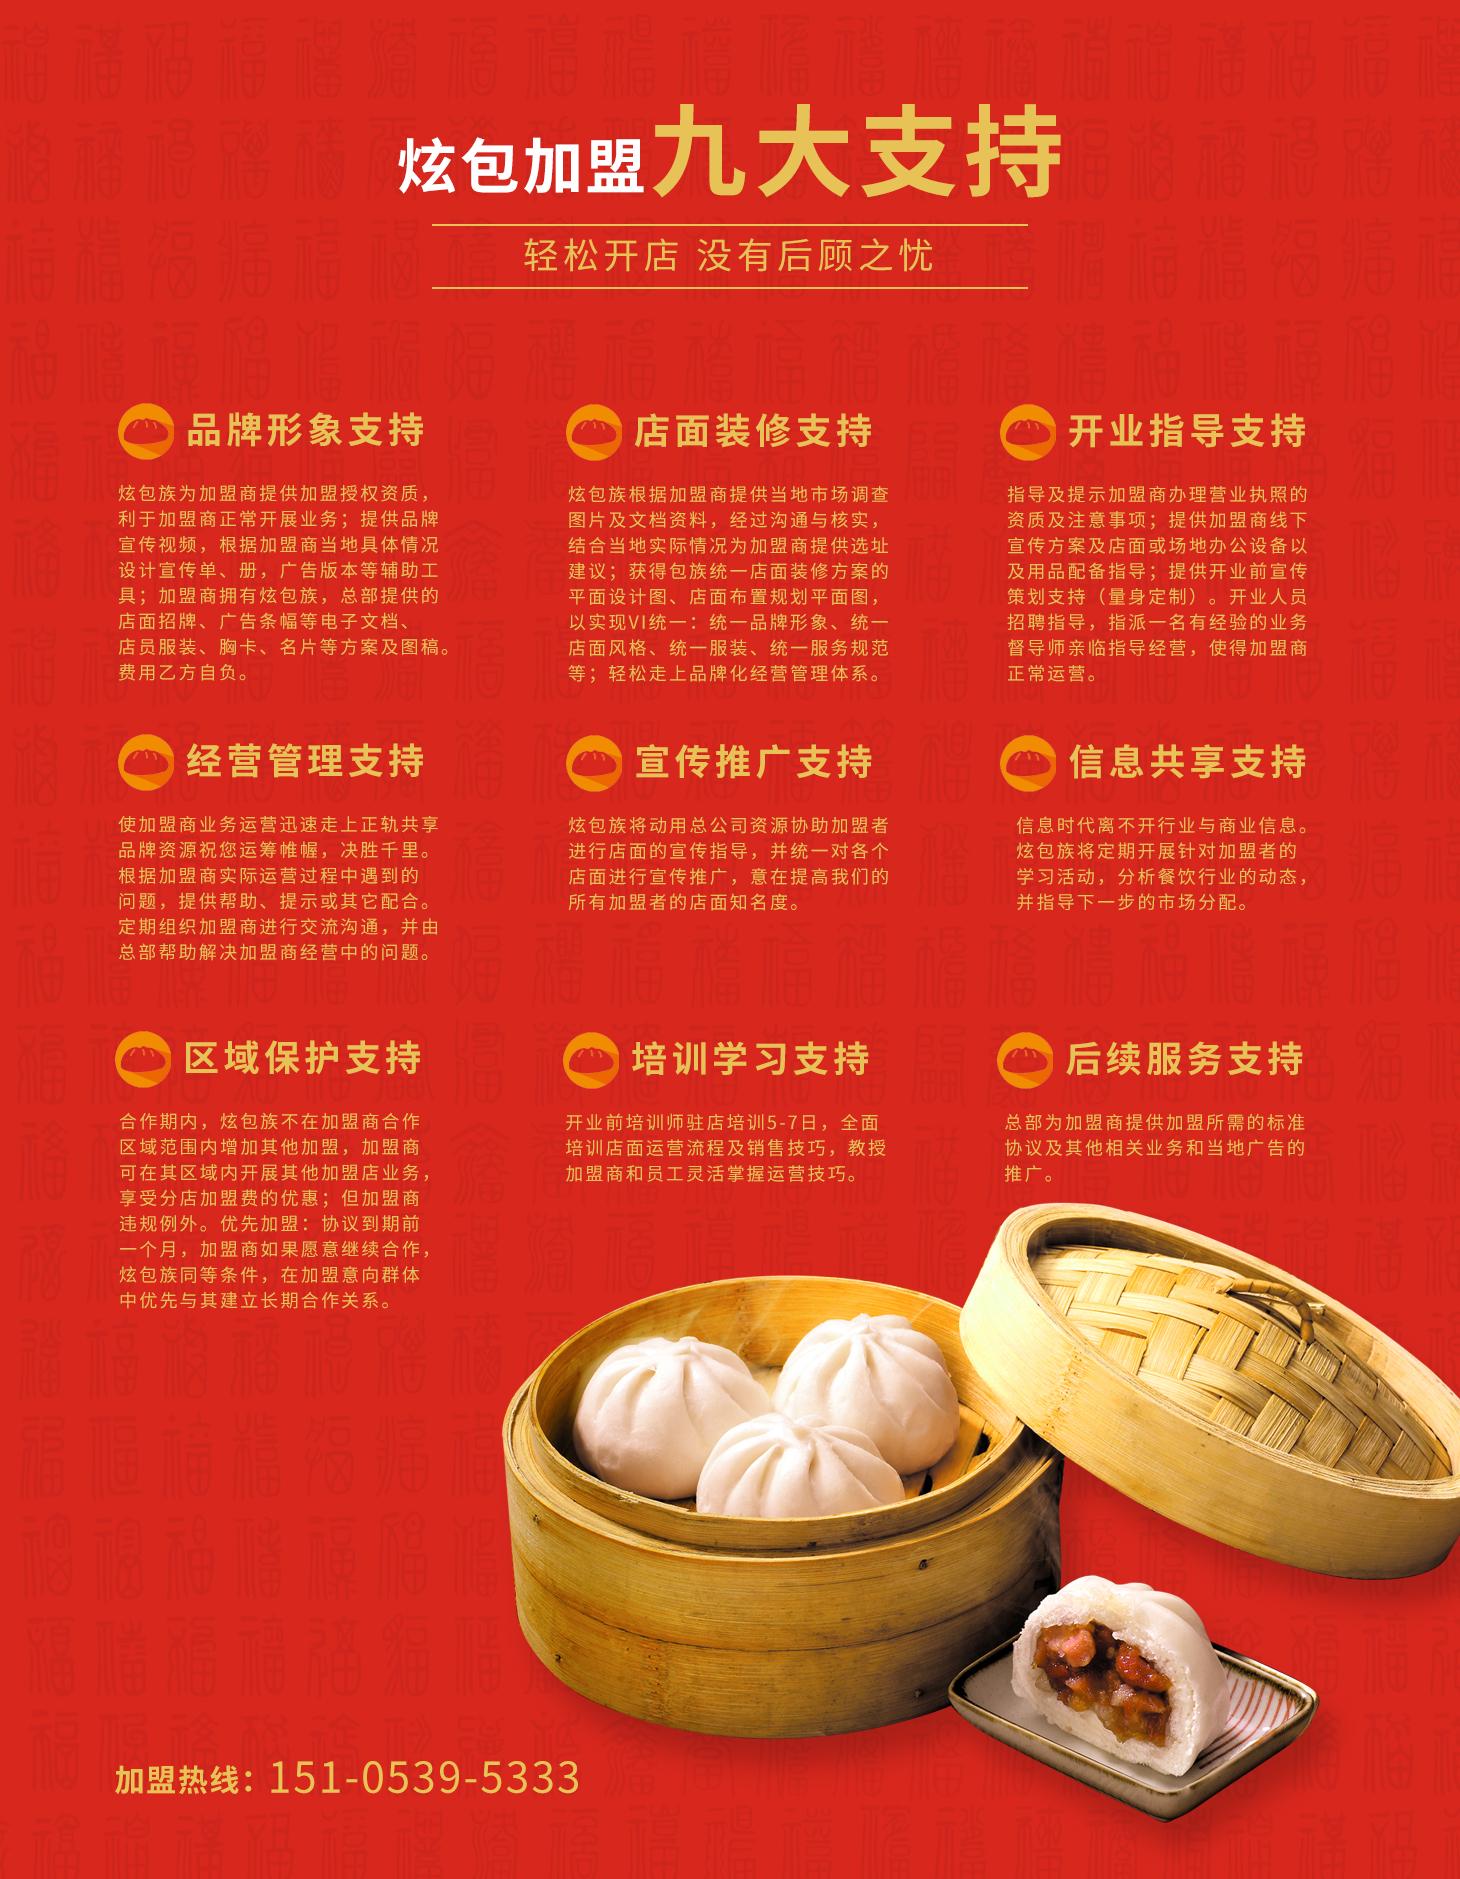 包子连锁店_灌汤包加盟-临沂炫包族餐饮管理有限公司